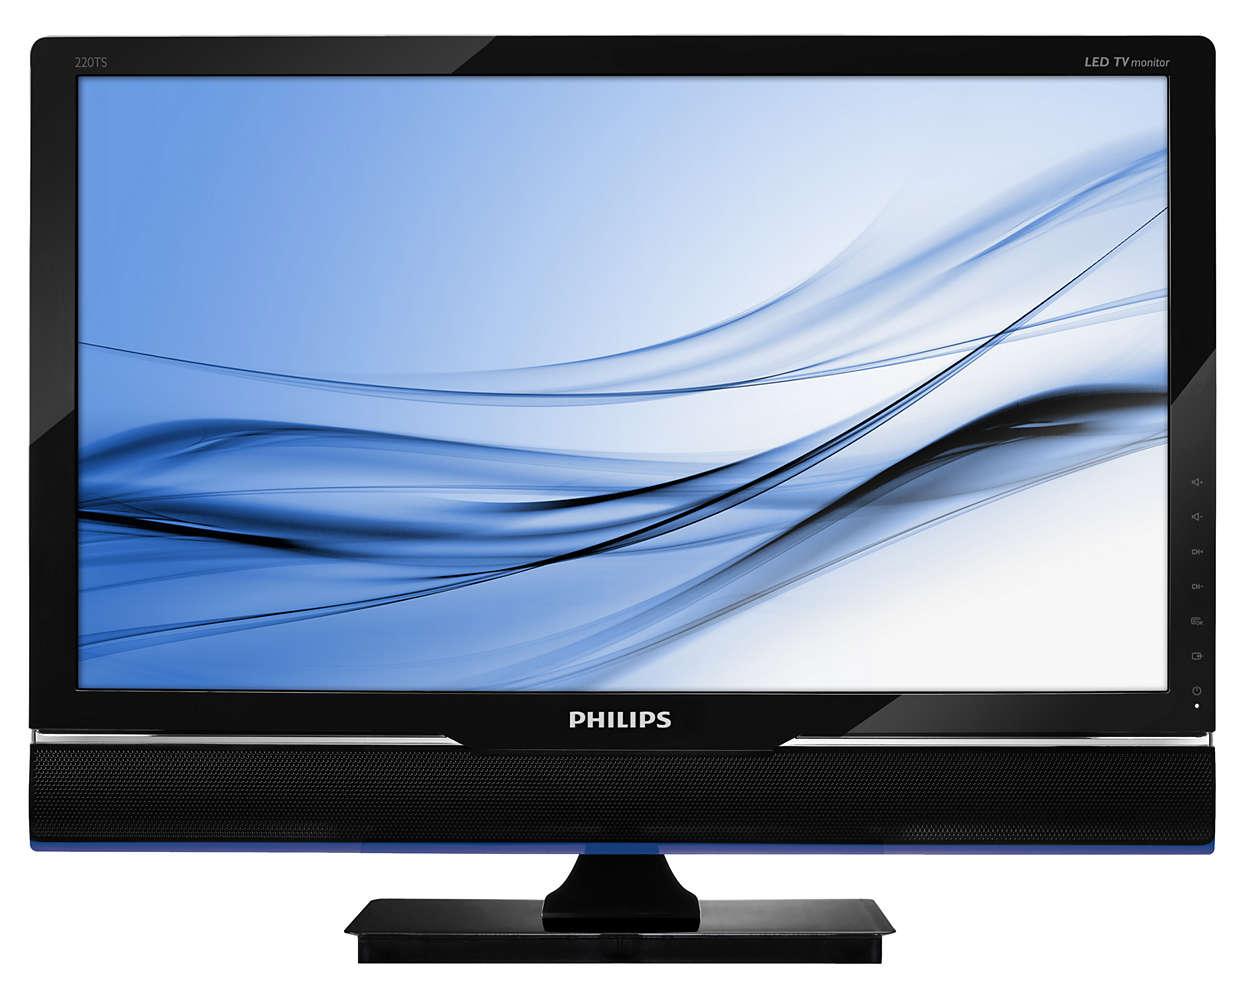 在您的 LED 顯示器上享受動人的電視娛樂